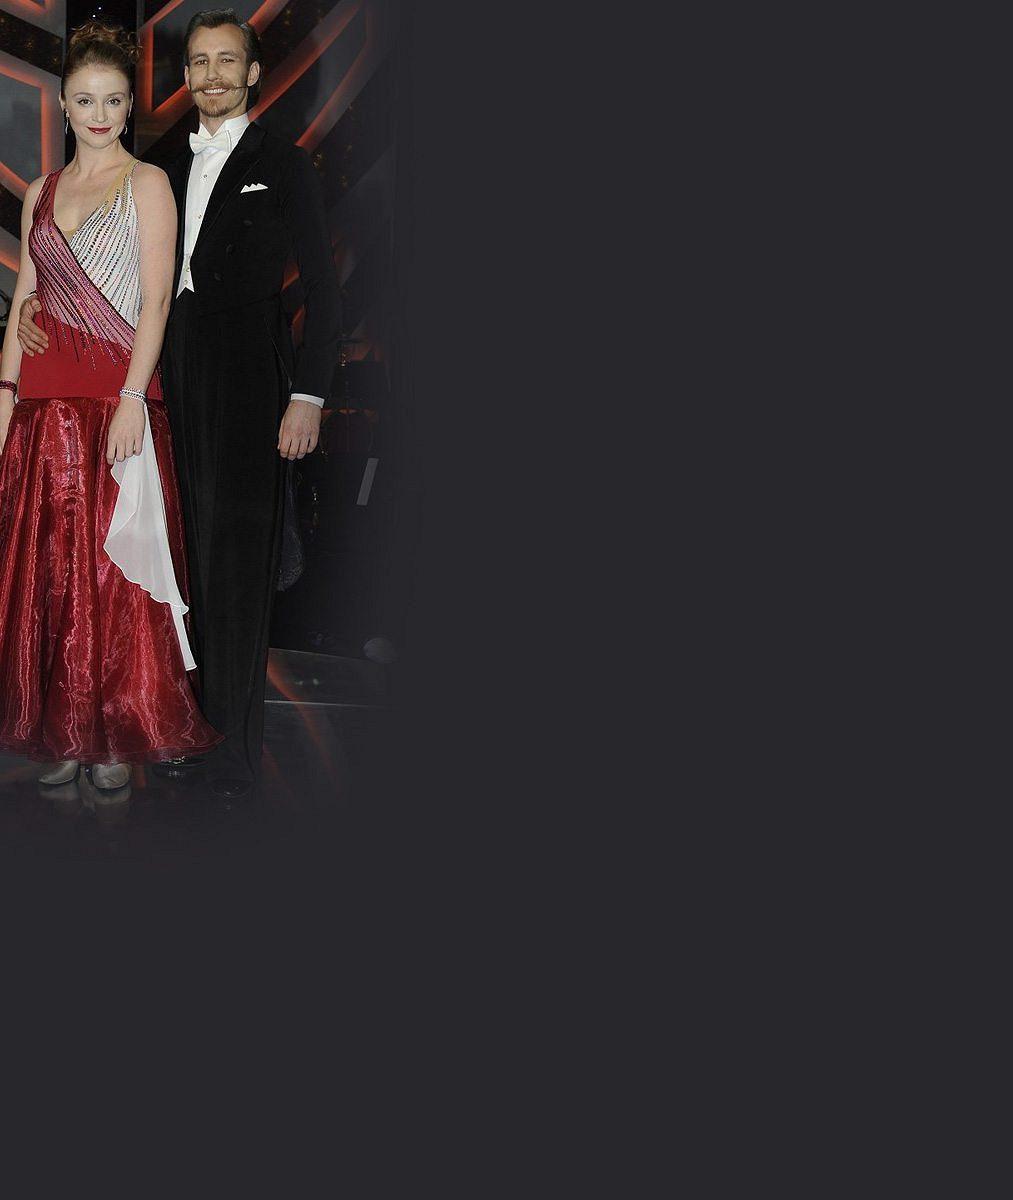 Hvězda StarDance Marie Doležalová v roli modelky. Fotila a byla středem pozornosti v centru Londýna